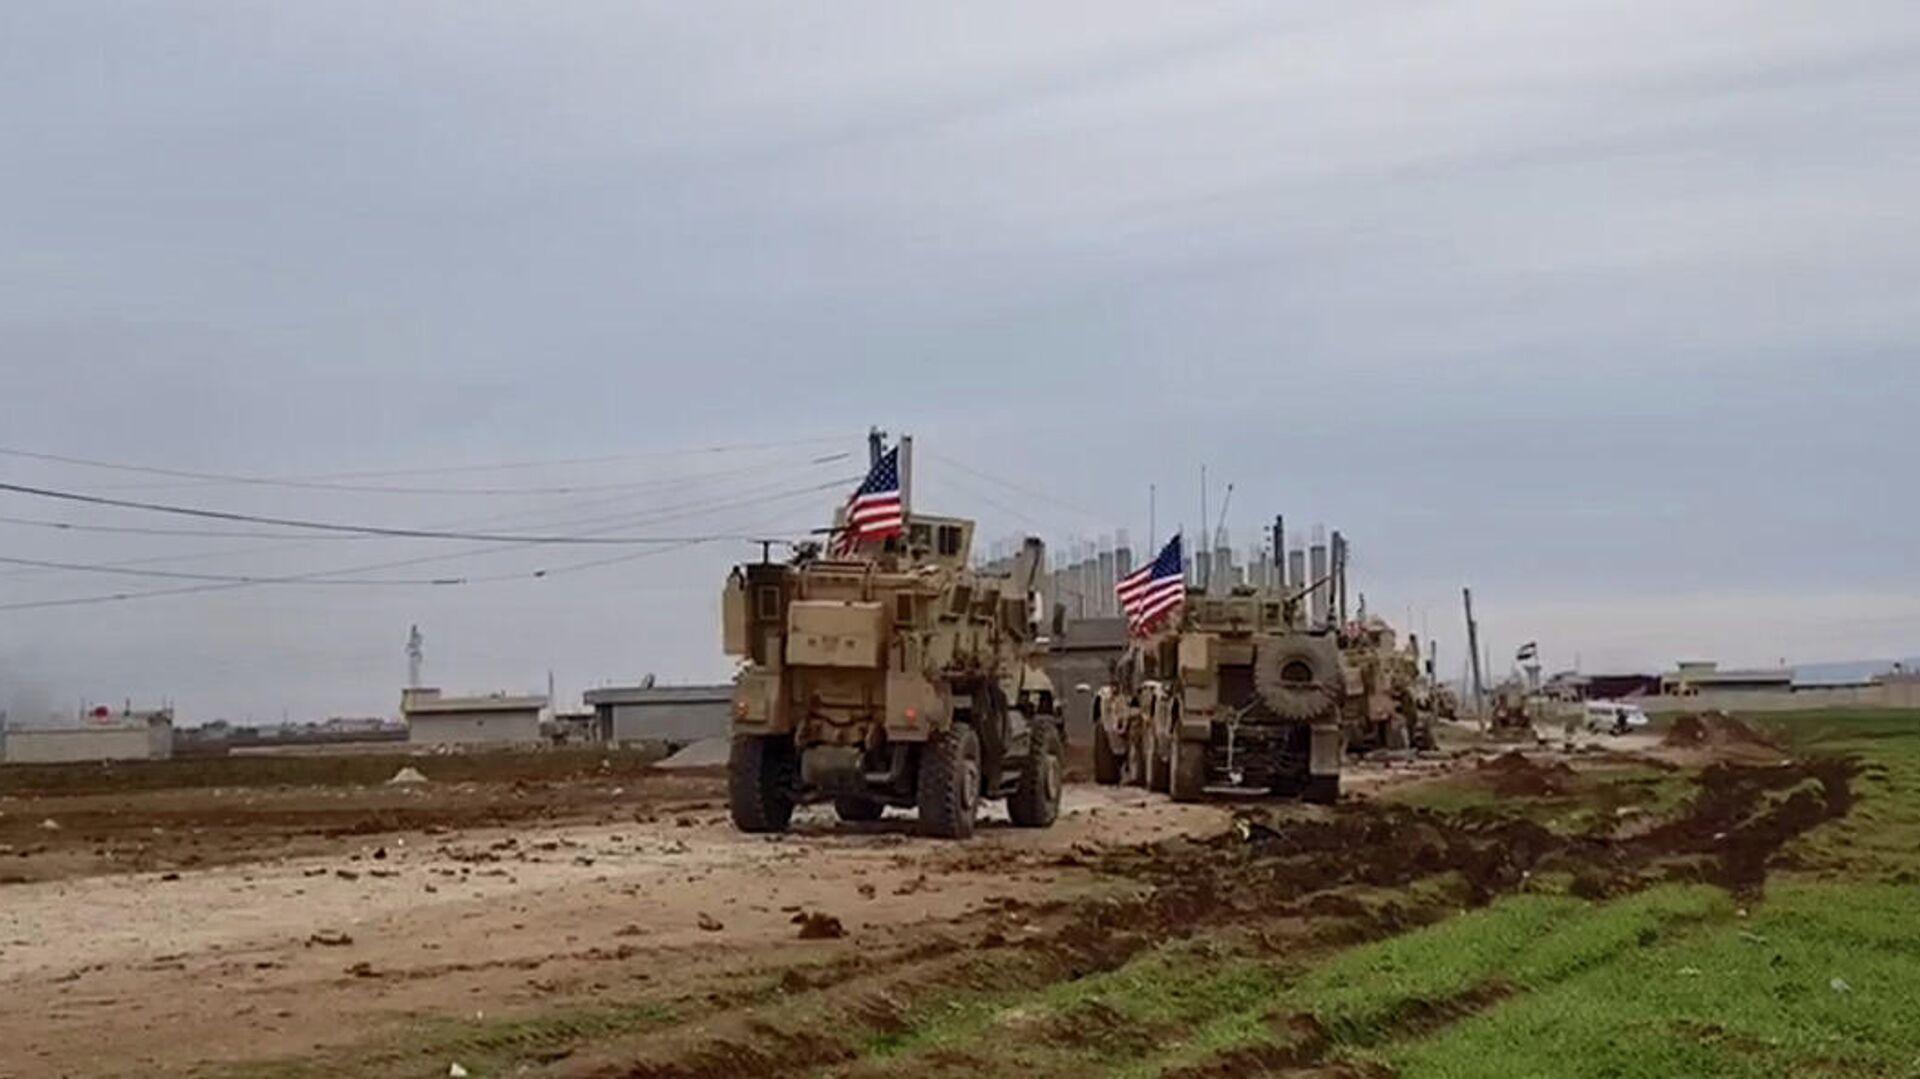 Военный конвой США в районе города Эль-Камышлы в Сирии - РИА Новости, 1920, 16.02.2021